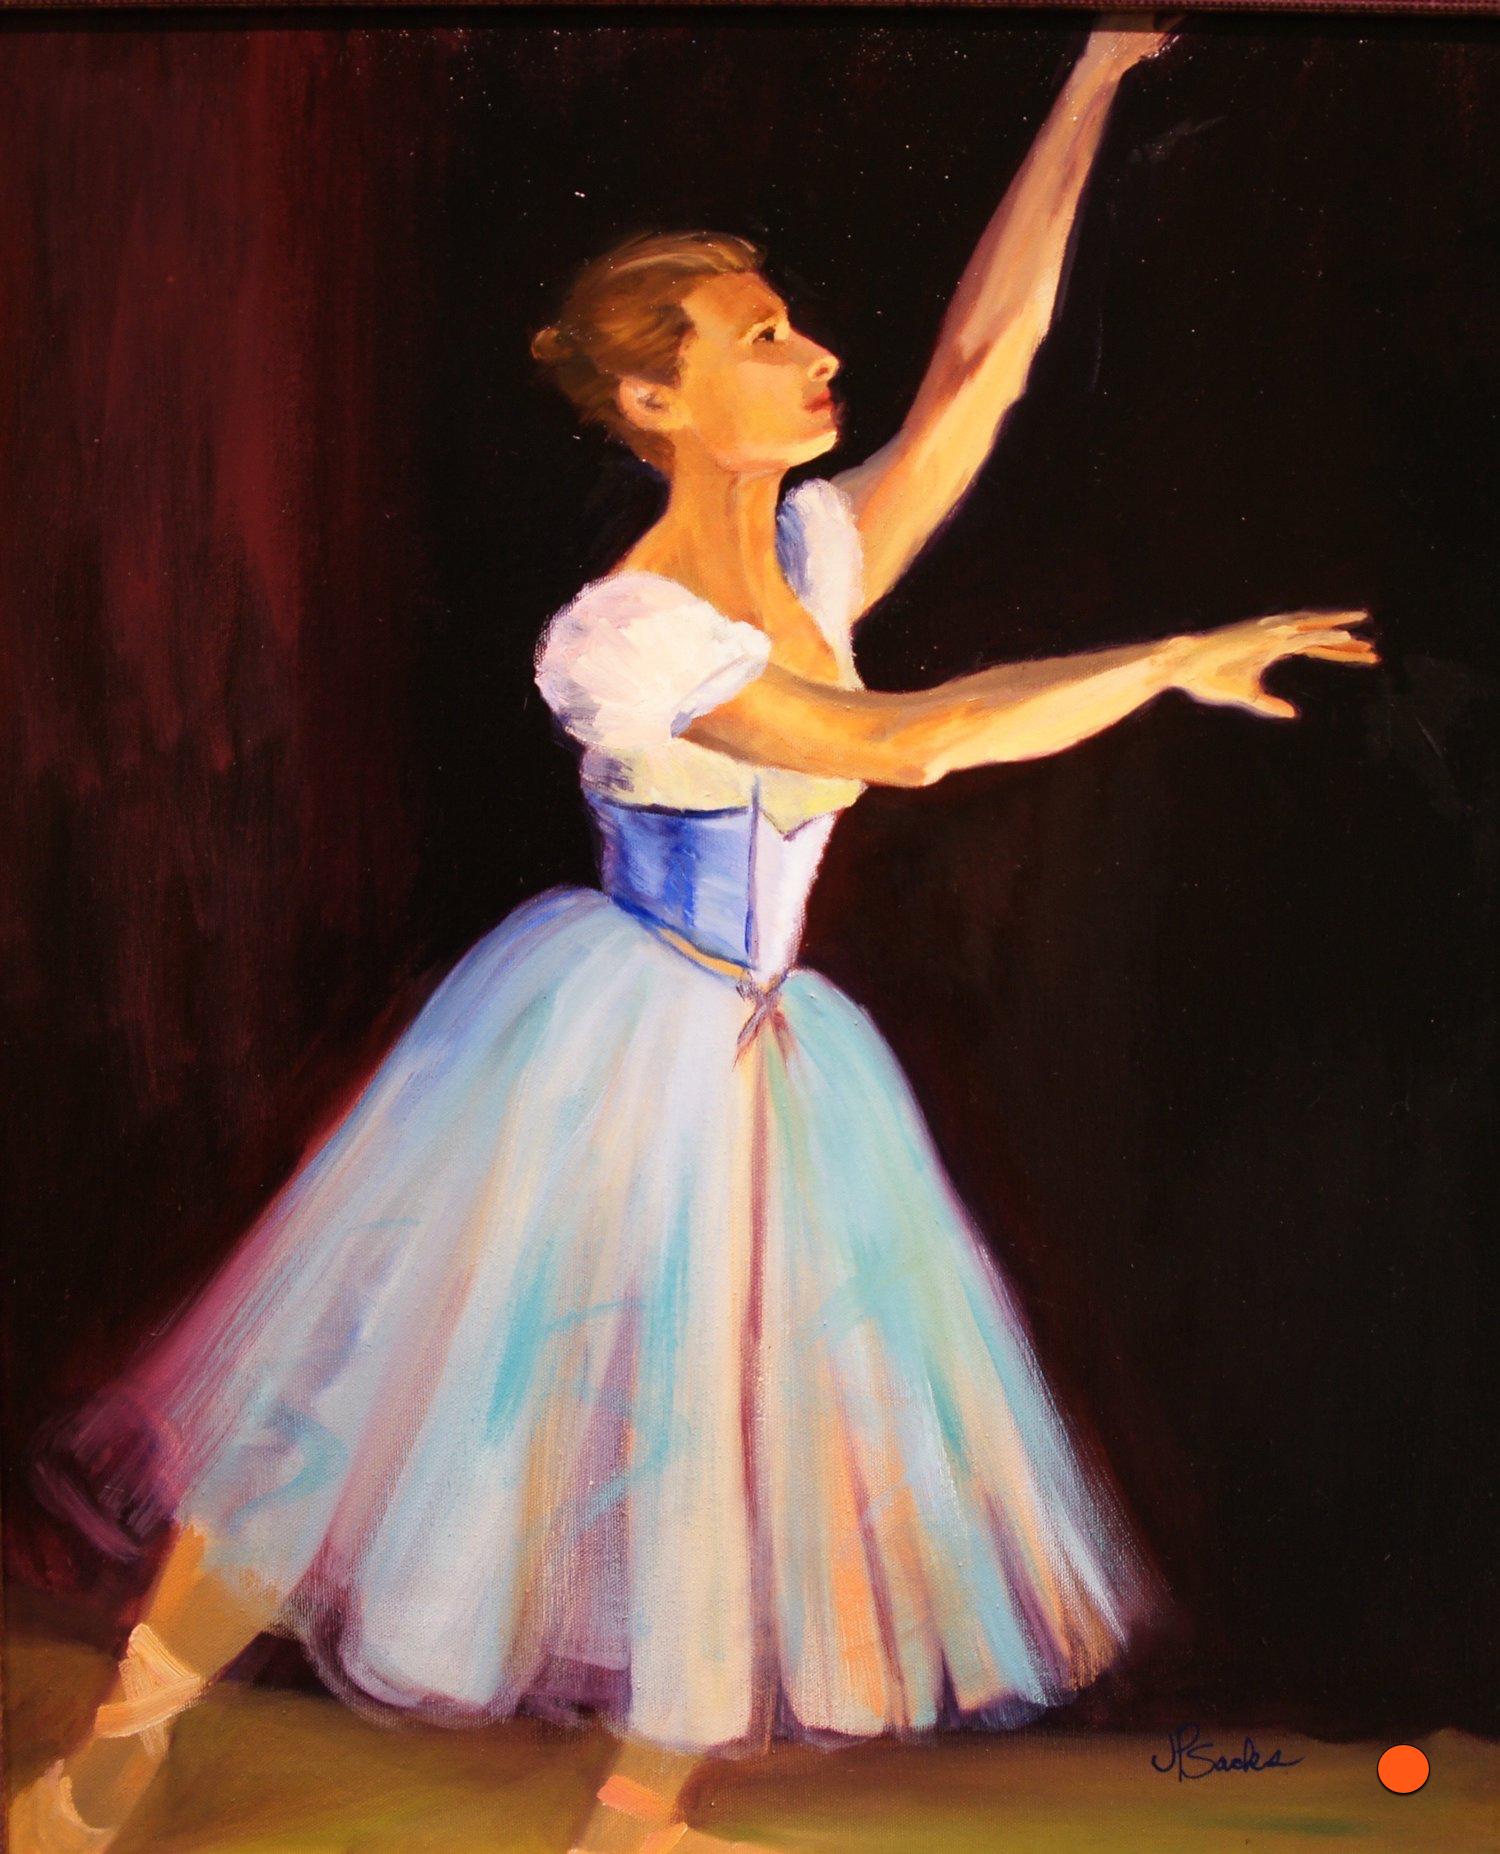 Baryshnikov's Prima Ballerina, Oil, 24Hx20W, SOLD